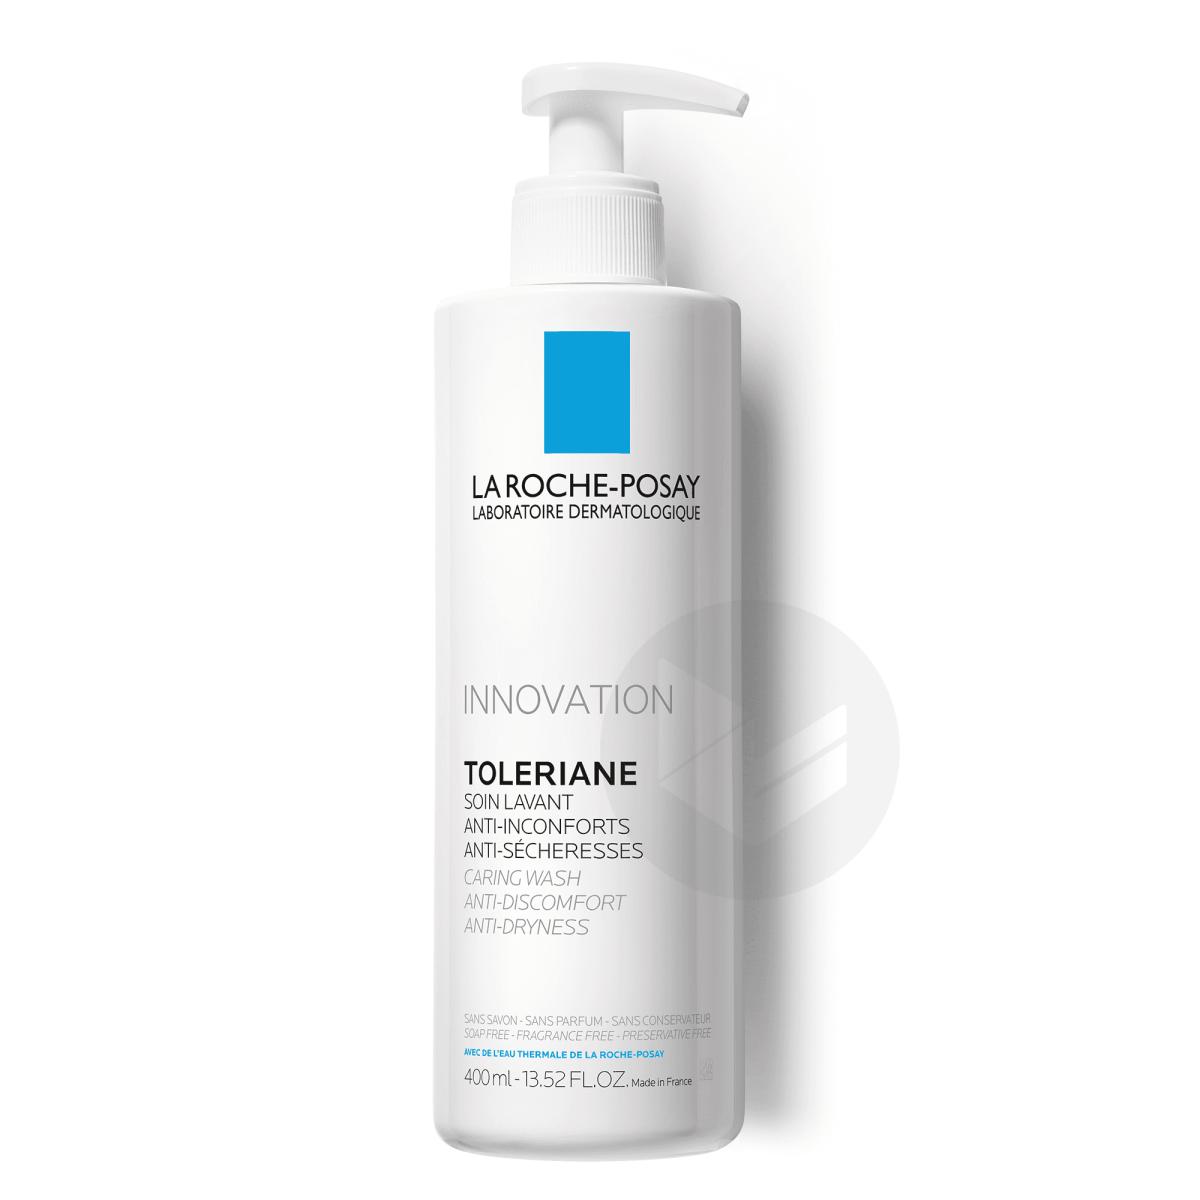 Toleriane Soin lavant visage anti-inconforts et anti-sécheresse 400ml